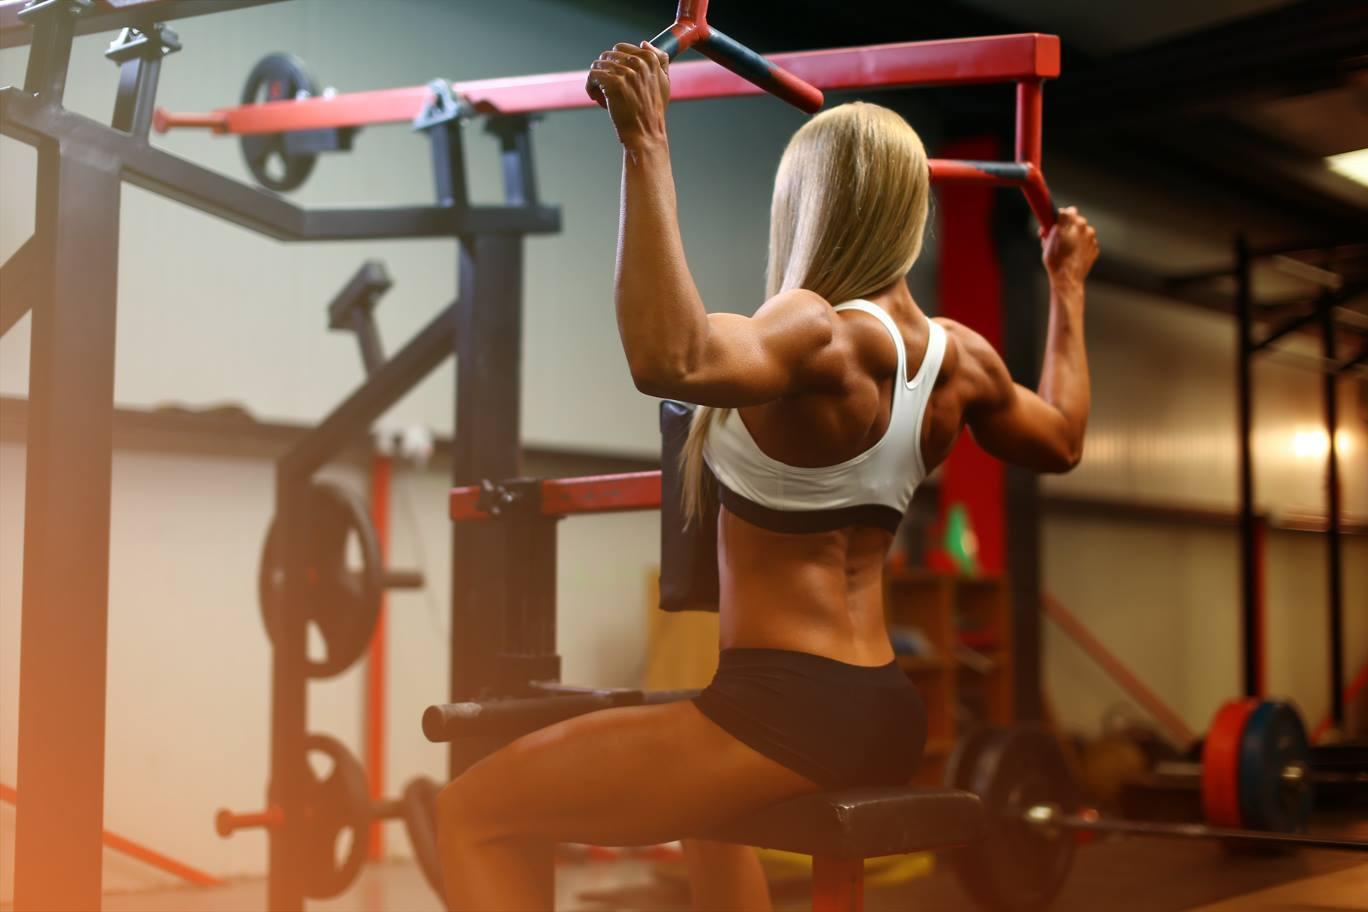 программы тренировок для похудения дома